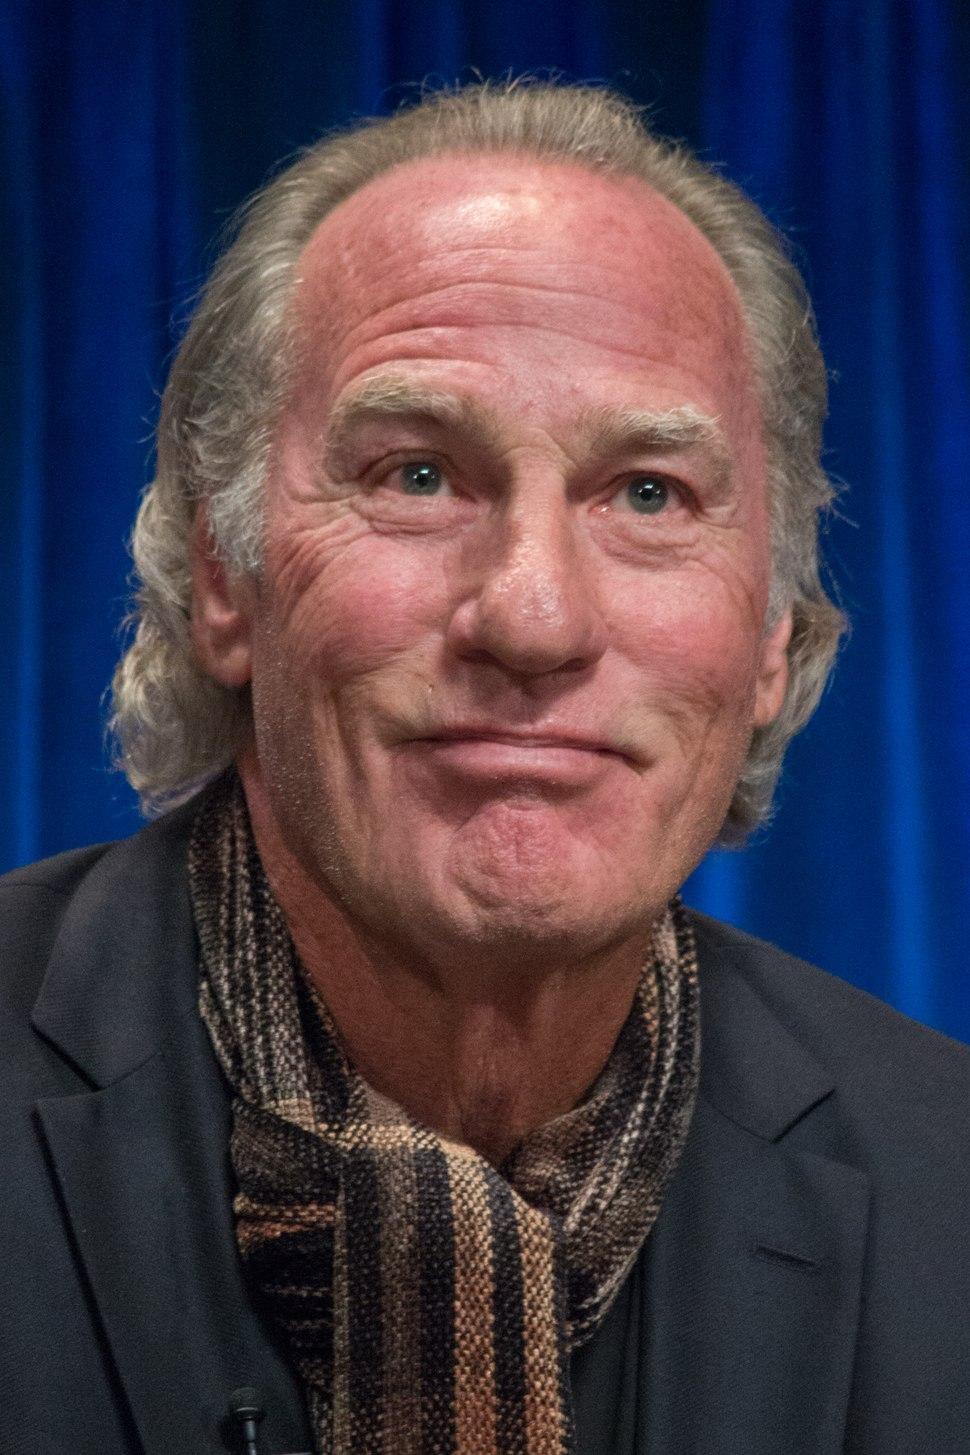 Craig T. Nelson at PaleyFest 2013